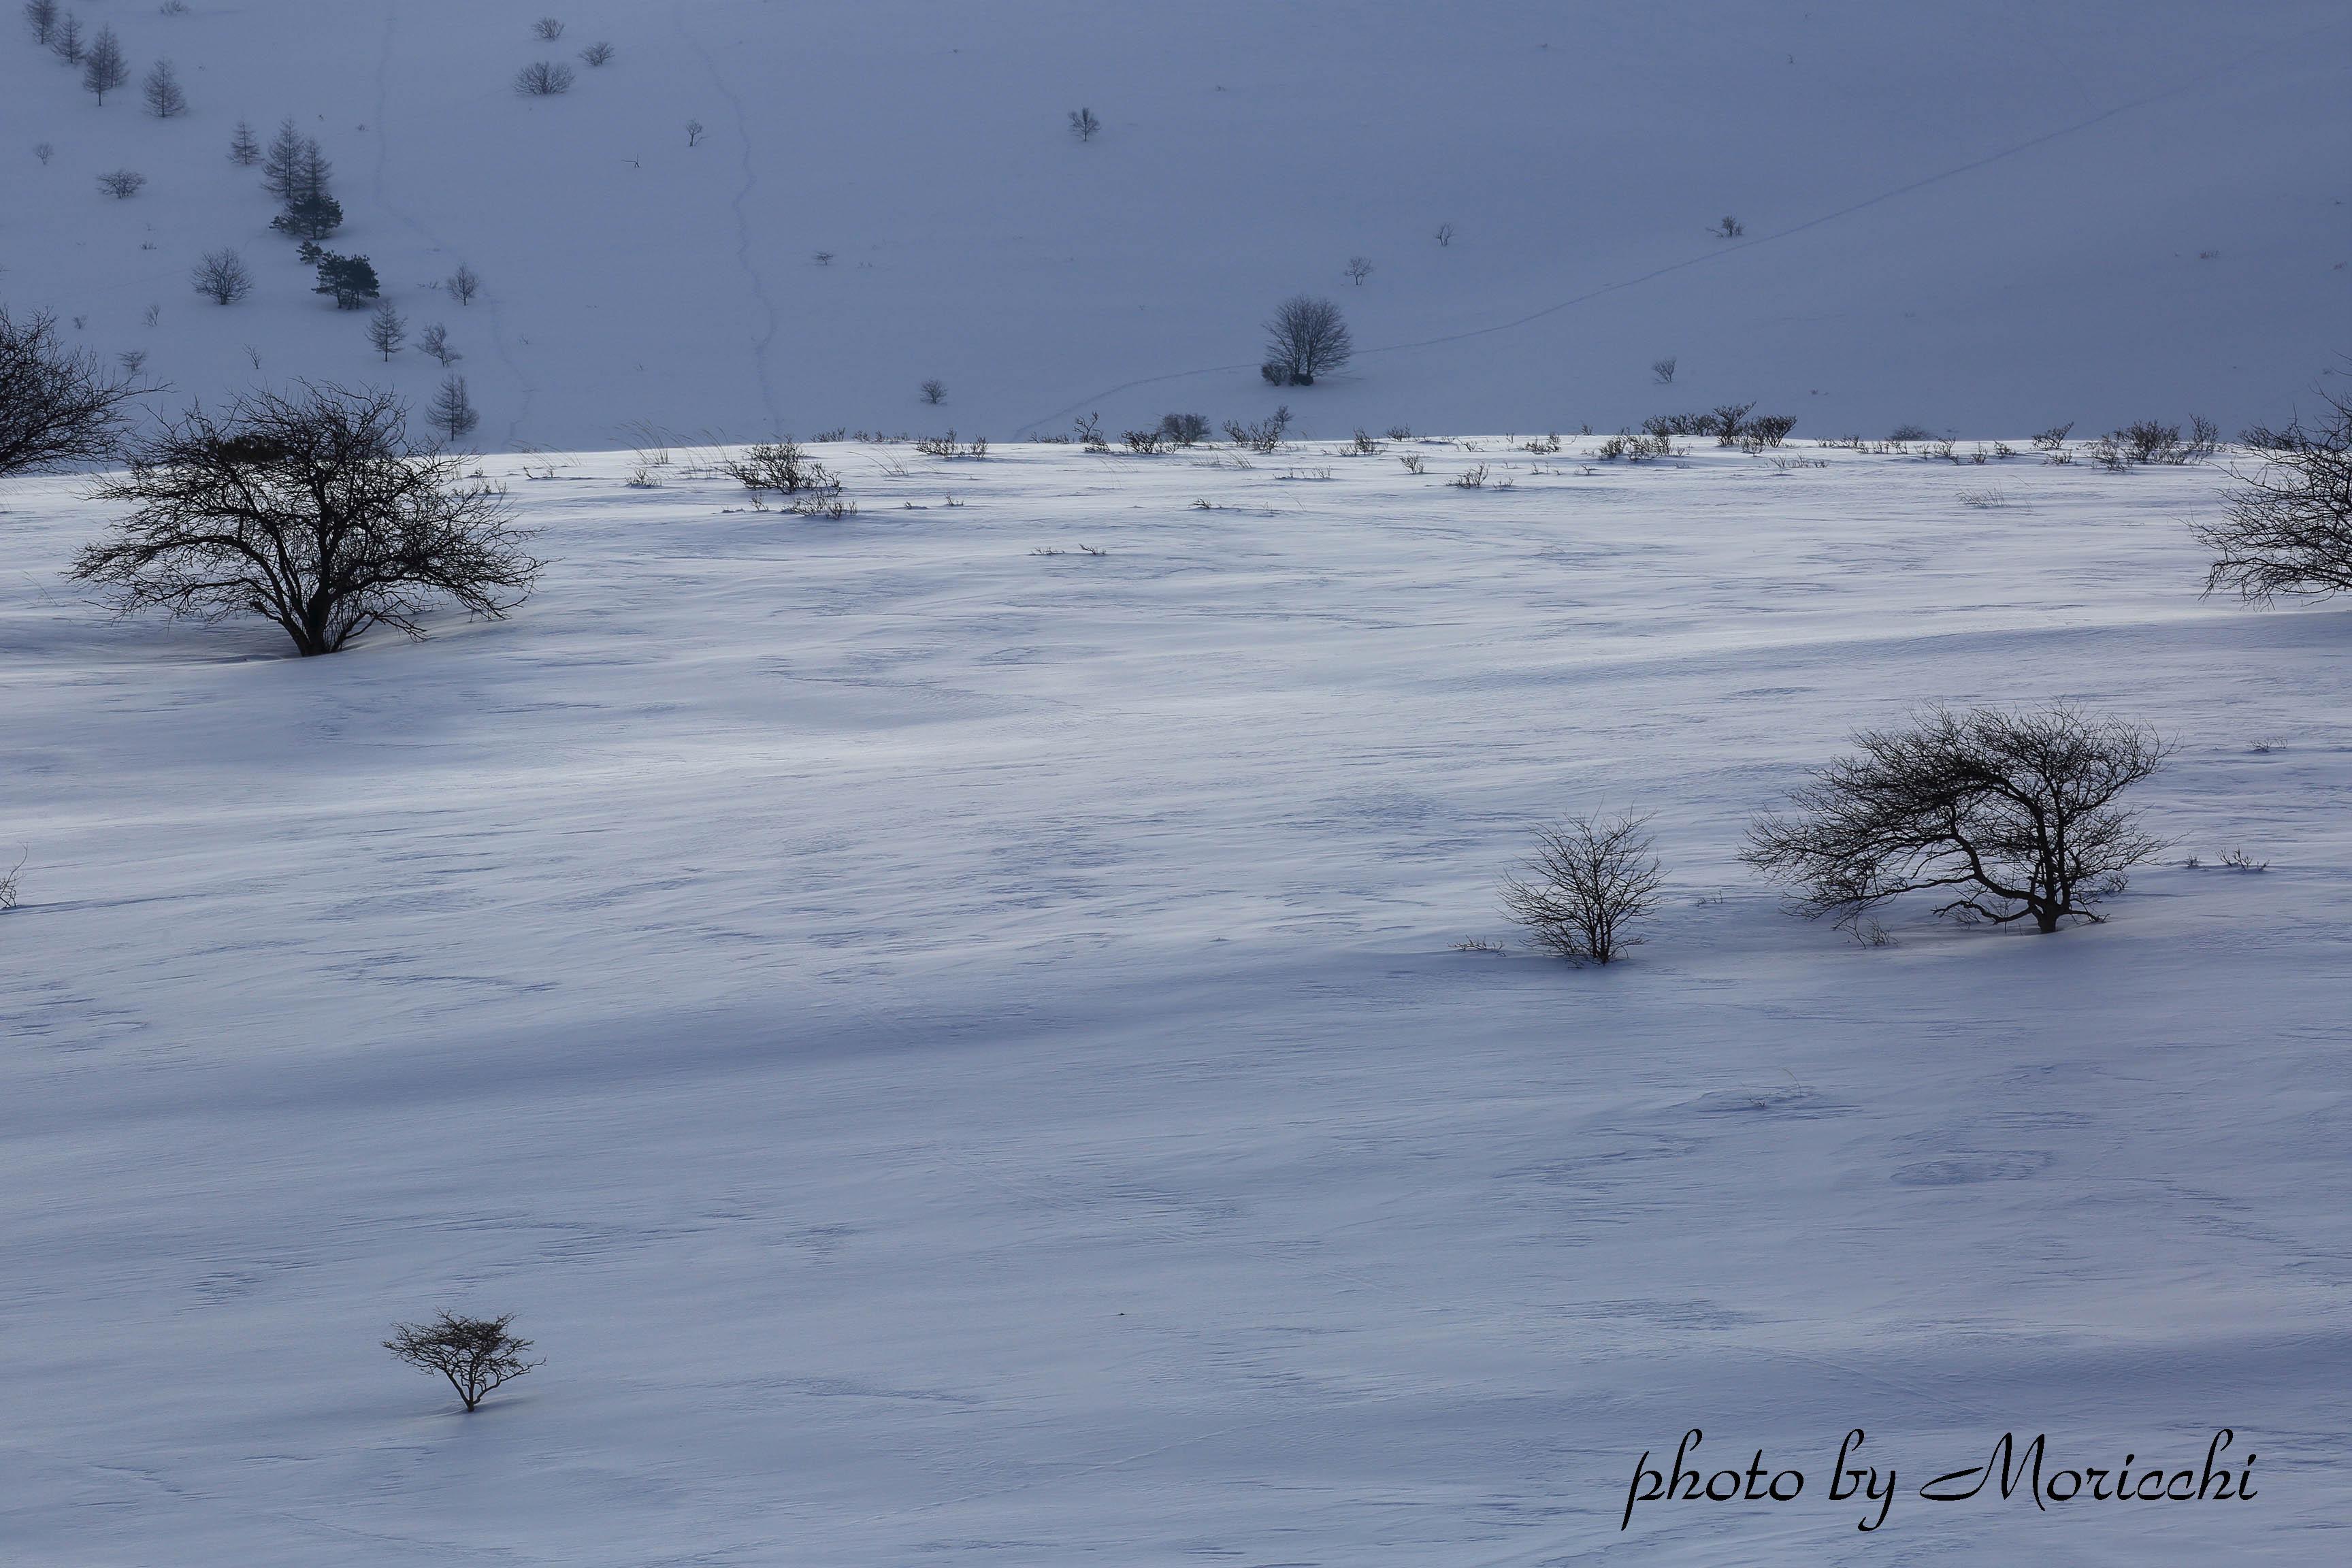 雪原のコピー.jpg